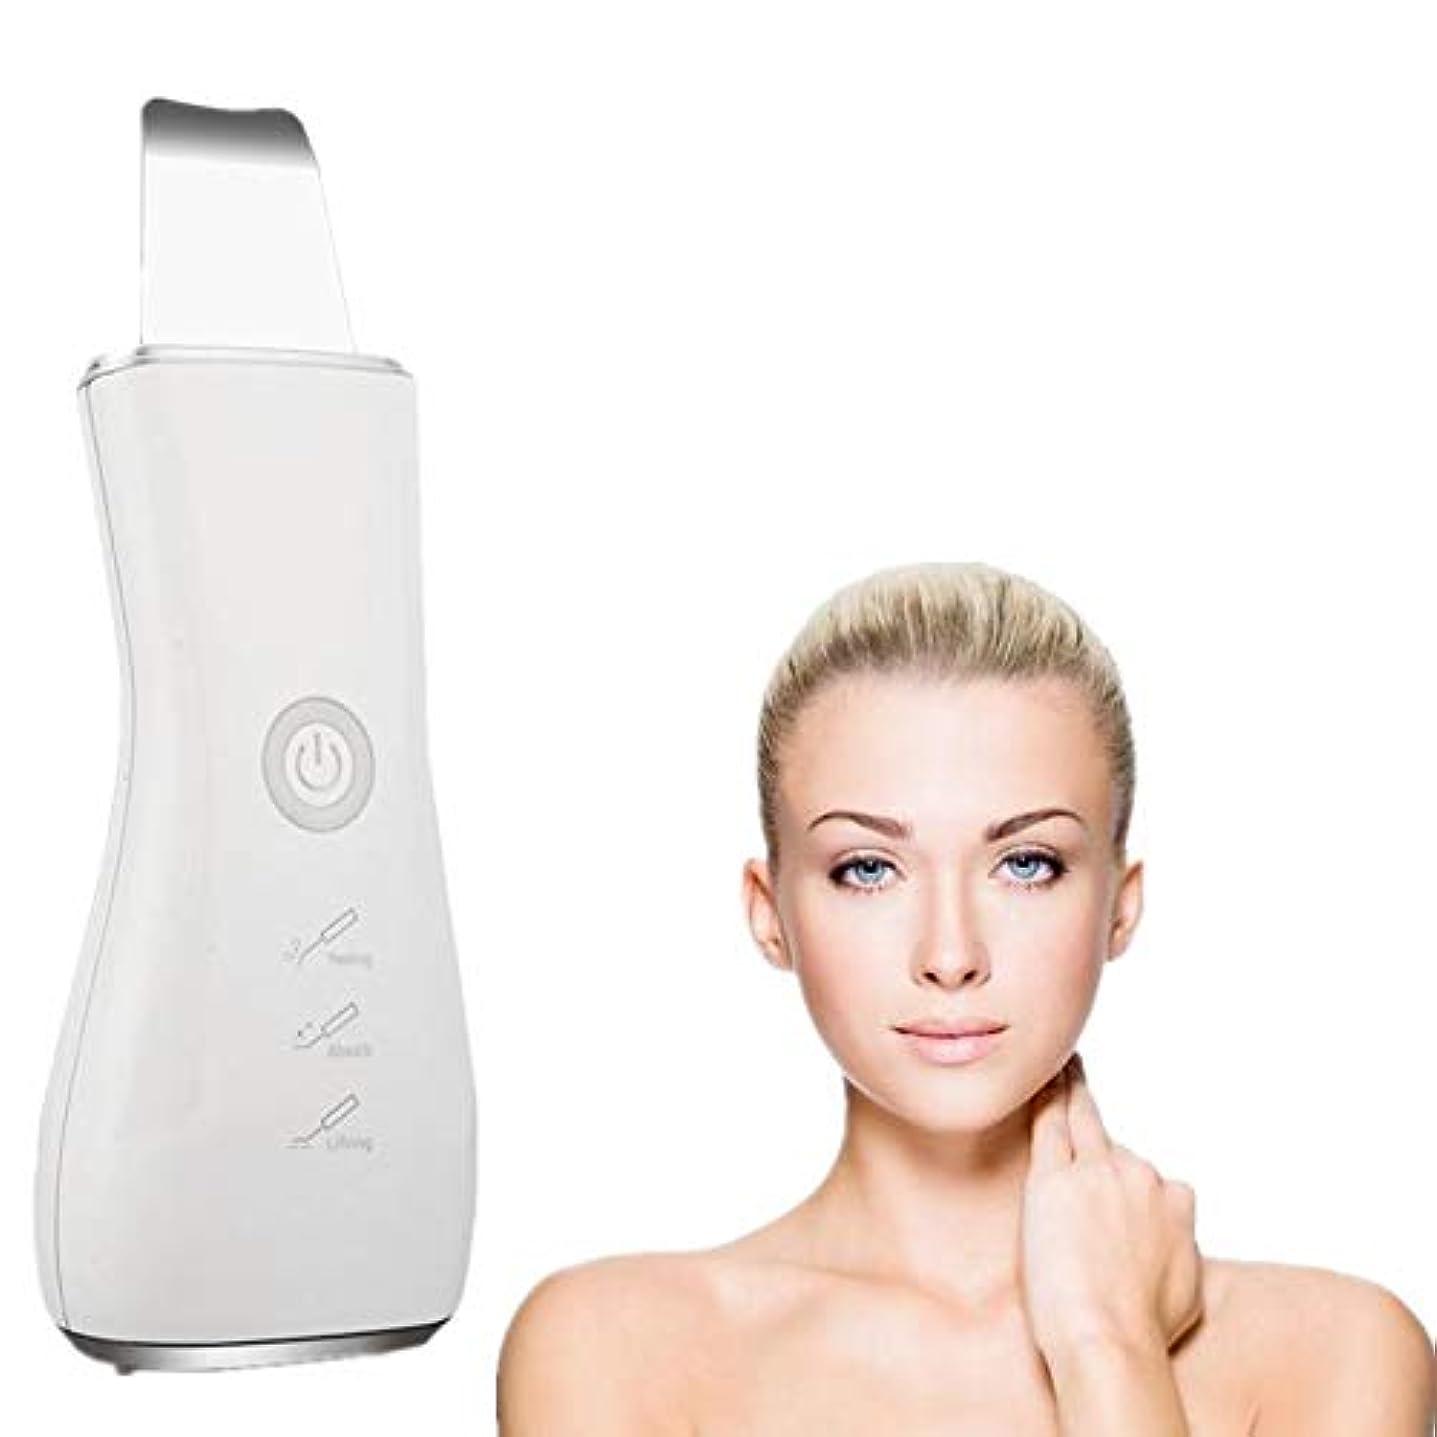 マキシムバズロッカー顔の皮膚スクラバーブラックヘッドリムーバー毛穴充電式スキンスクラバー光子の若返り美容スキンクリーナーEMSクリーニングイオン導入モードUSB充電式美容ツール、シルバー